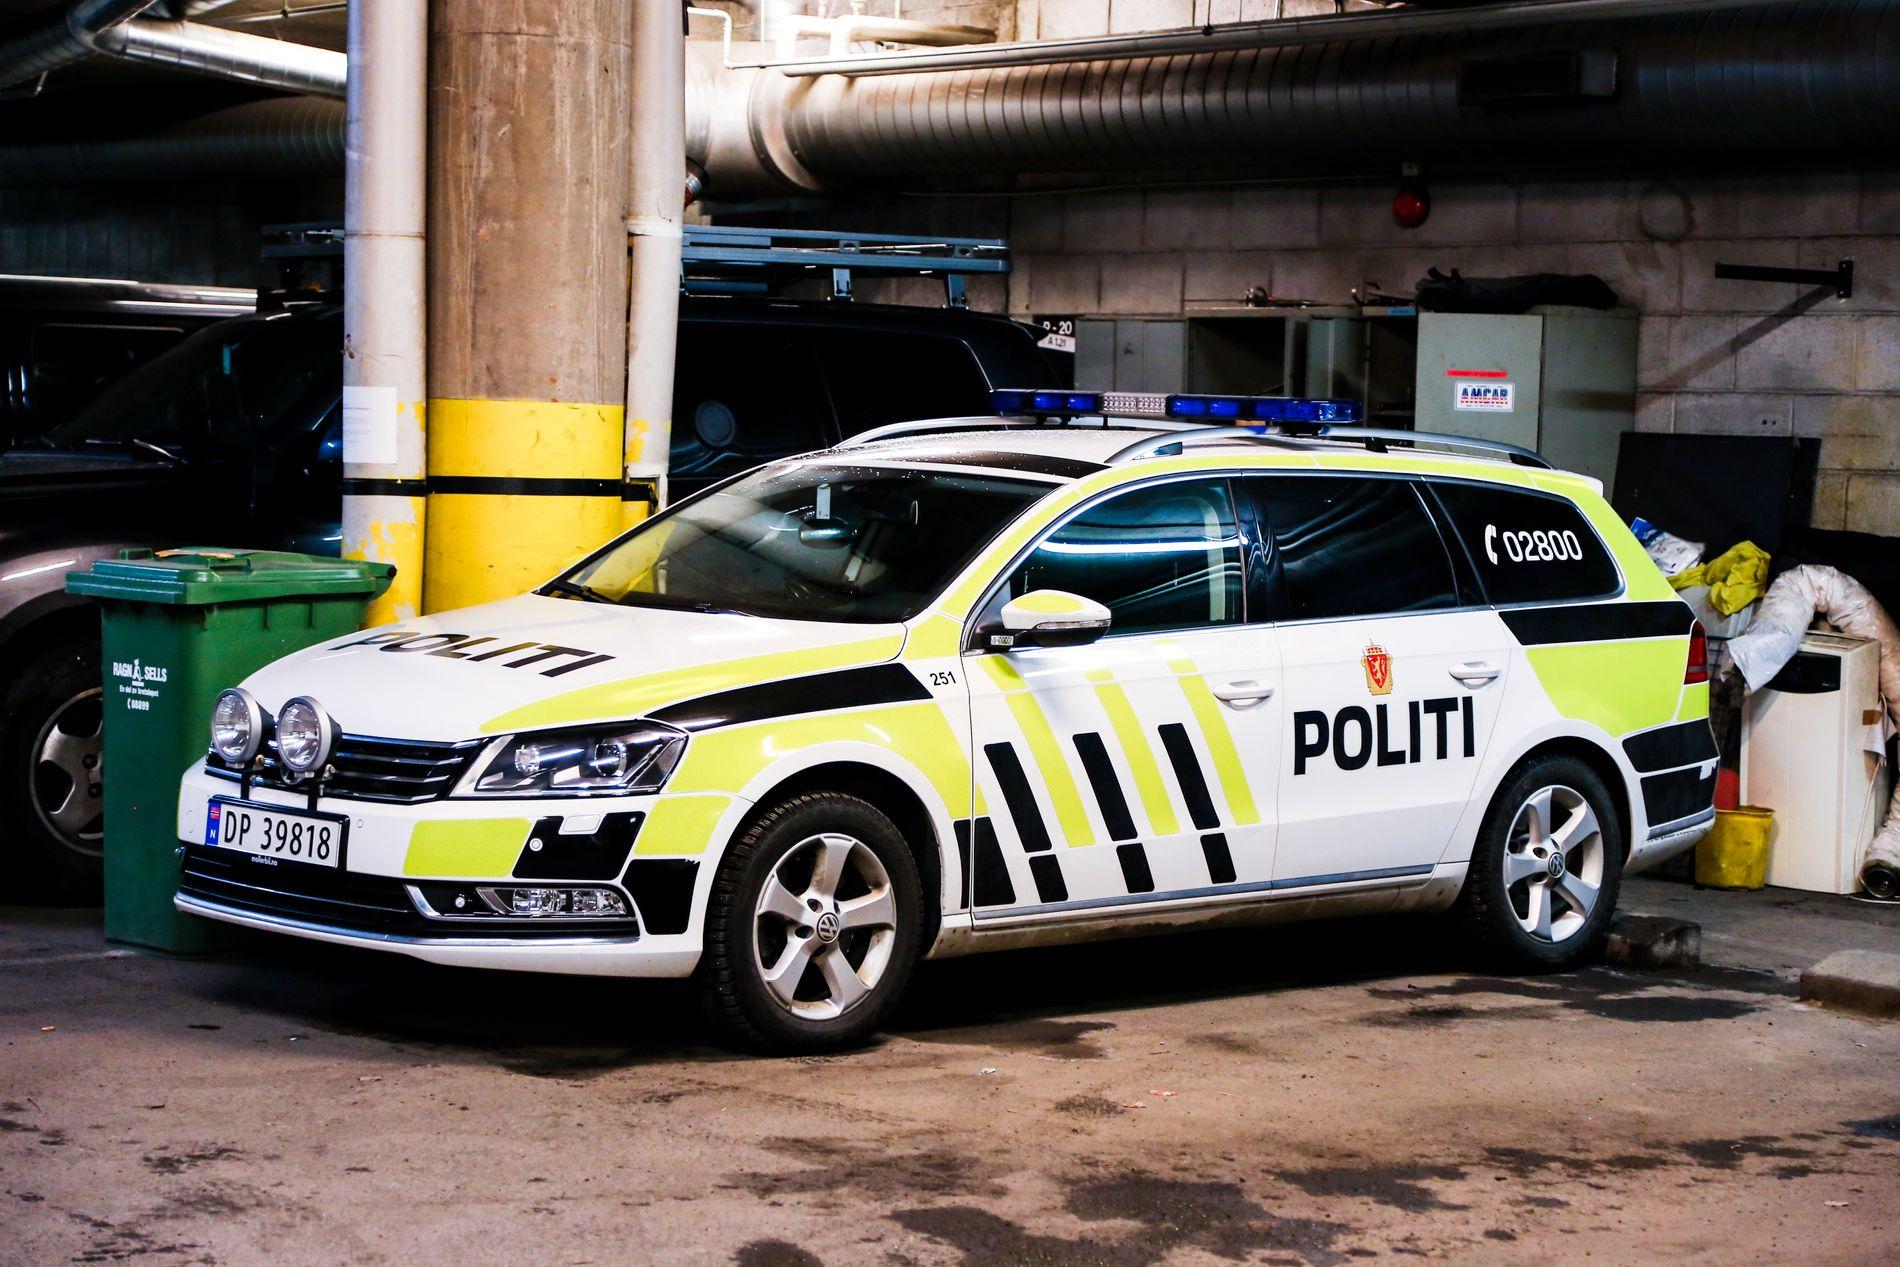 PENSJONERES: Volkswagen Passat har vært politiets småpatruljebil i 10 år, men nå er partnerskapet over. Volkswagens direktør i Norge er usikker på om bilmerket vil være med på flere anbudsrunder.